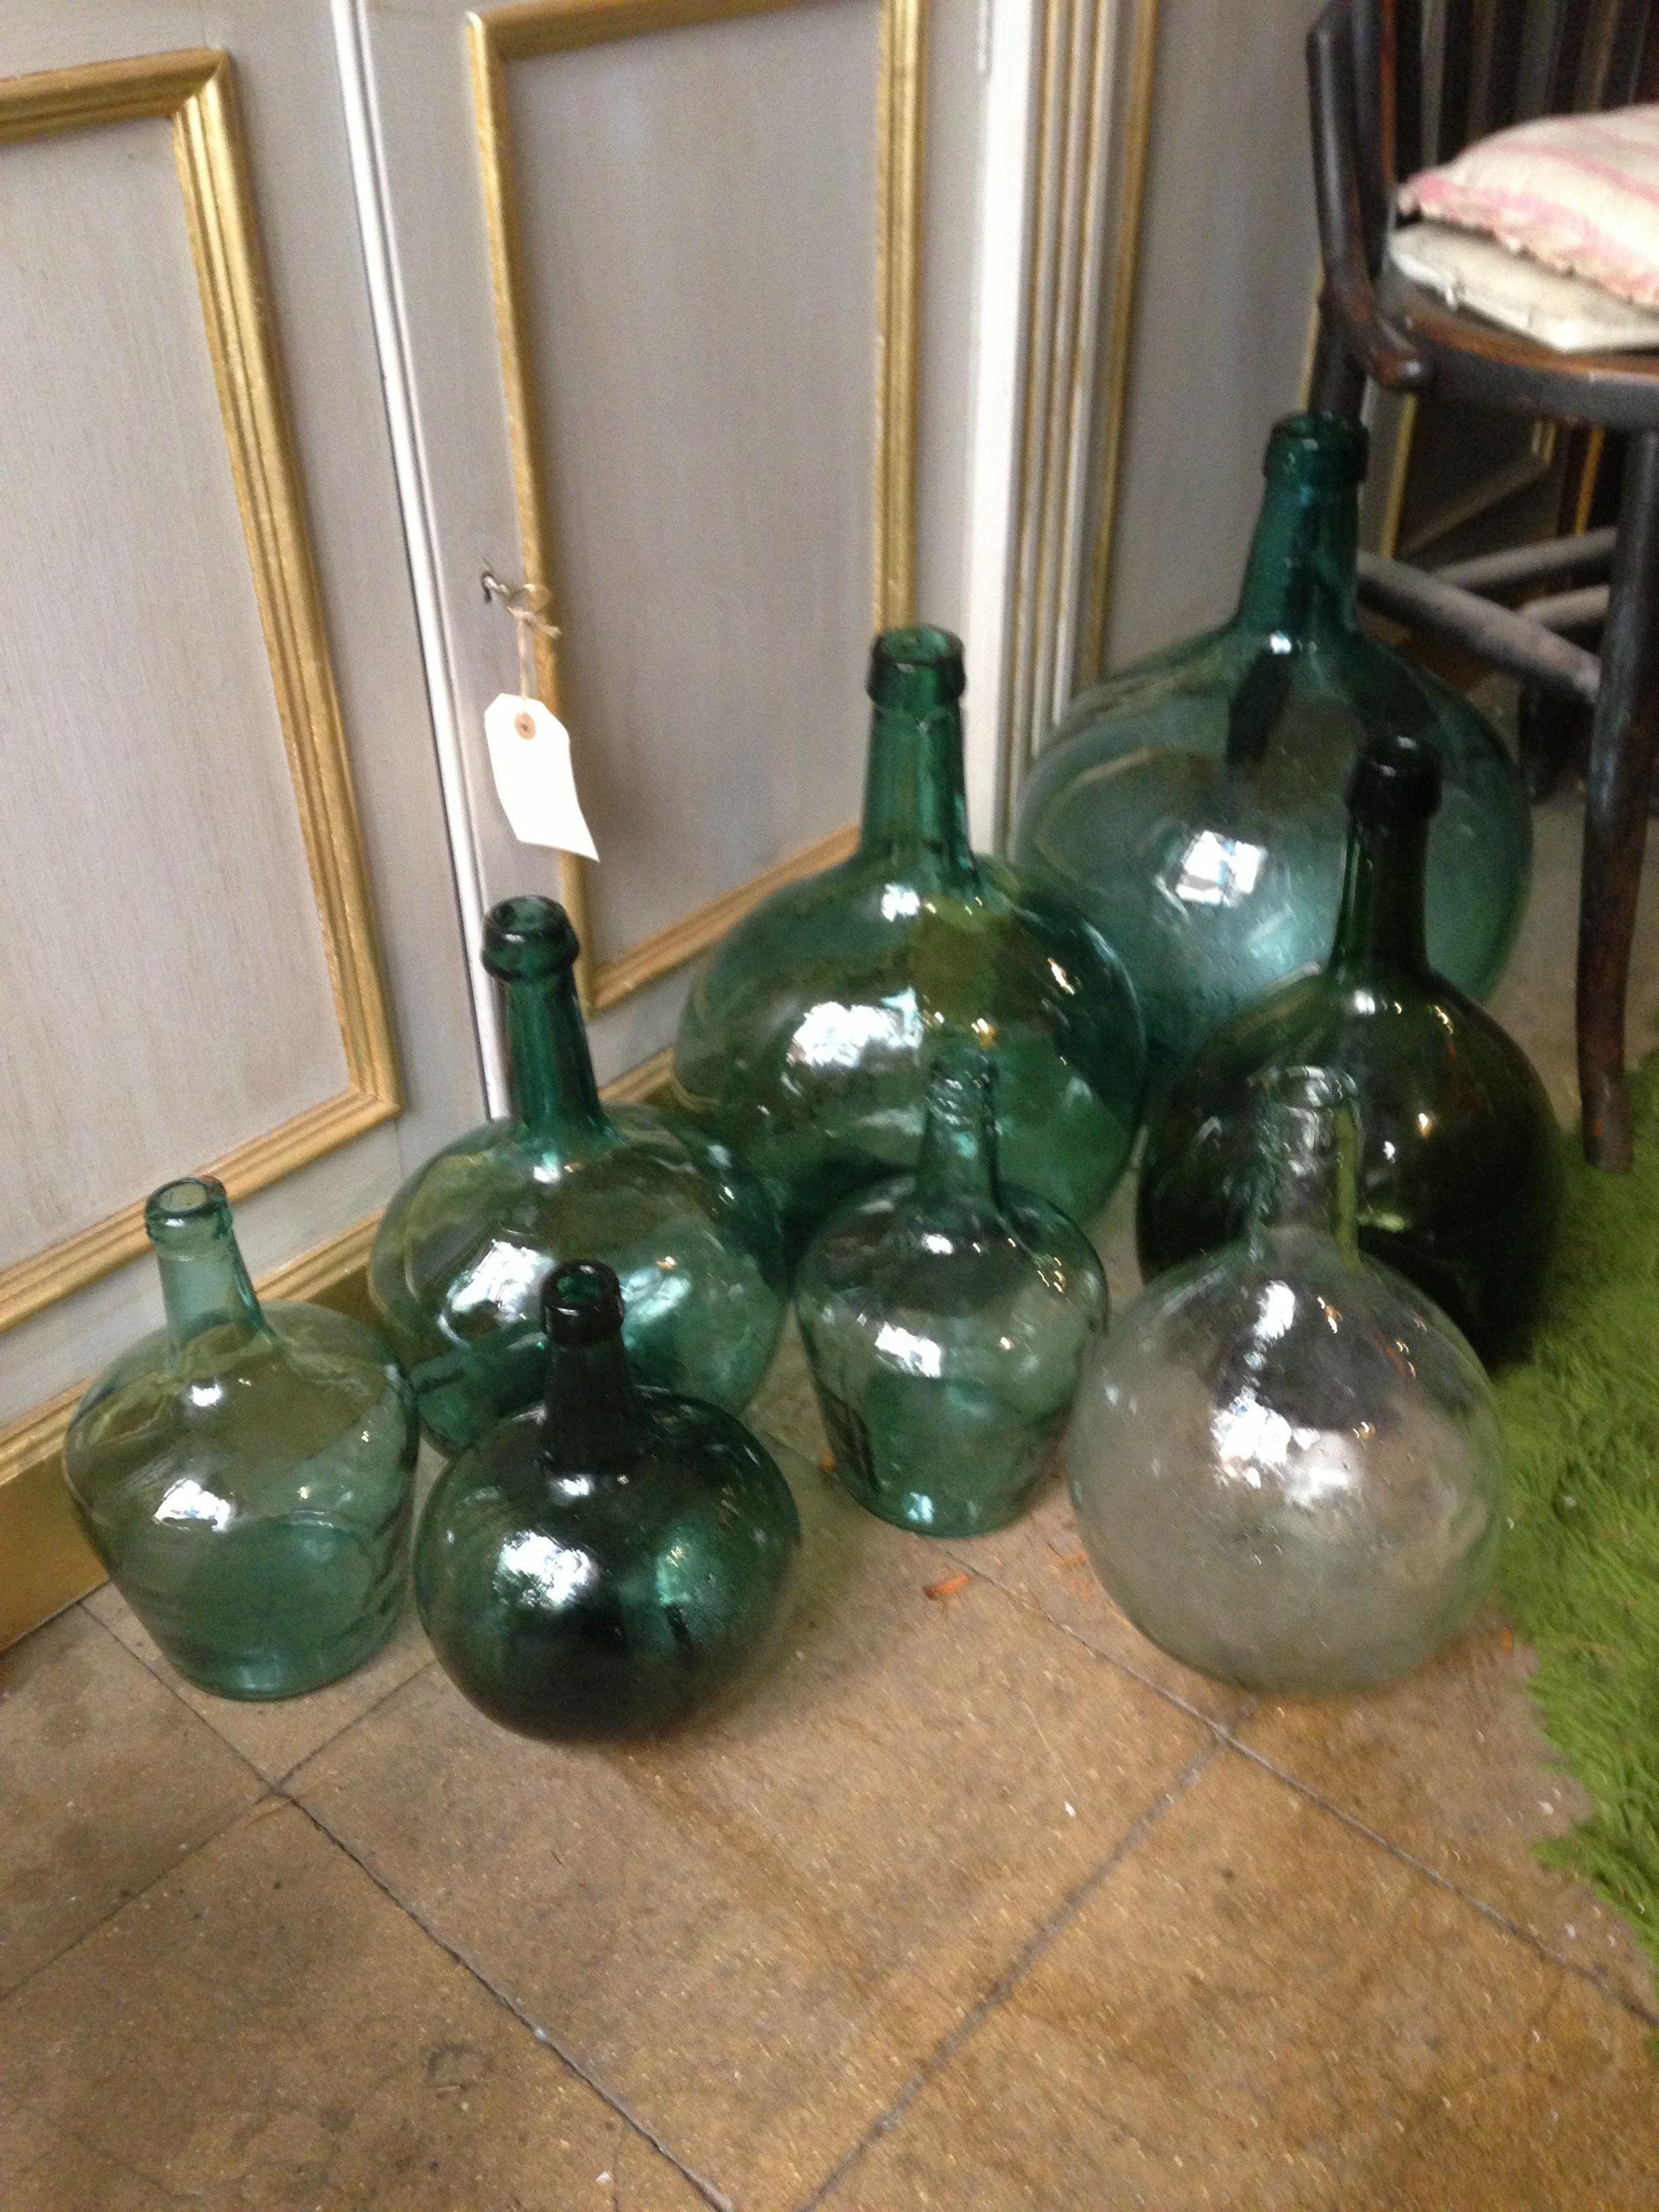 Botellas cristal varios modelos.